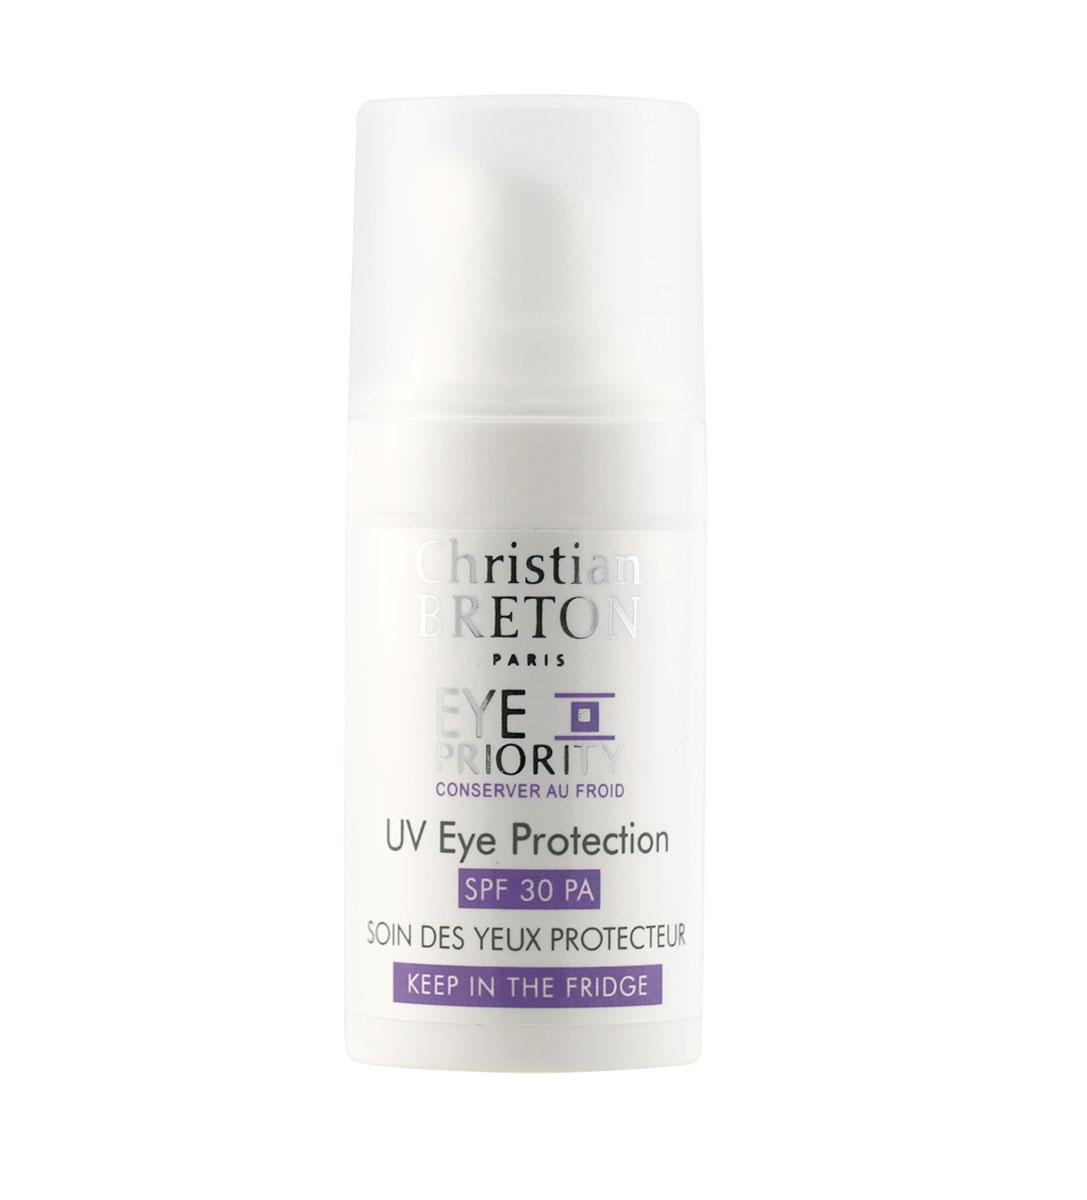 Christian Breton Крем защитный для кожи вокруг глаз SPF30 15 млFYFND3Специально разработанный крем для кожи вокруг глаз с превосходной защитой от солнечного излучения. Крем подтягивает кожу и разглаживает морщинки, блокирует негативные факторы окружающей среды и препятствует фотостарению.